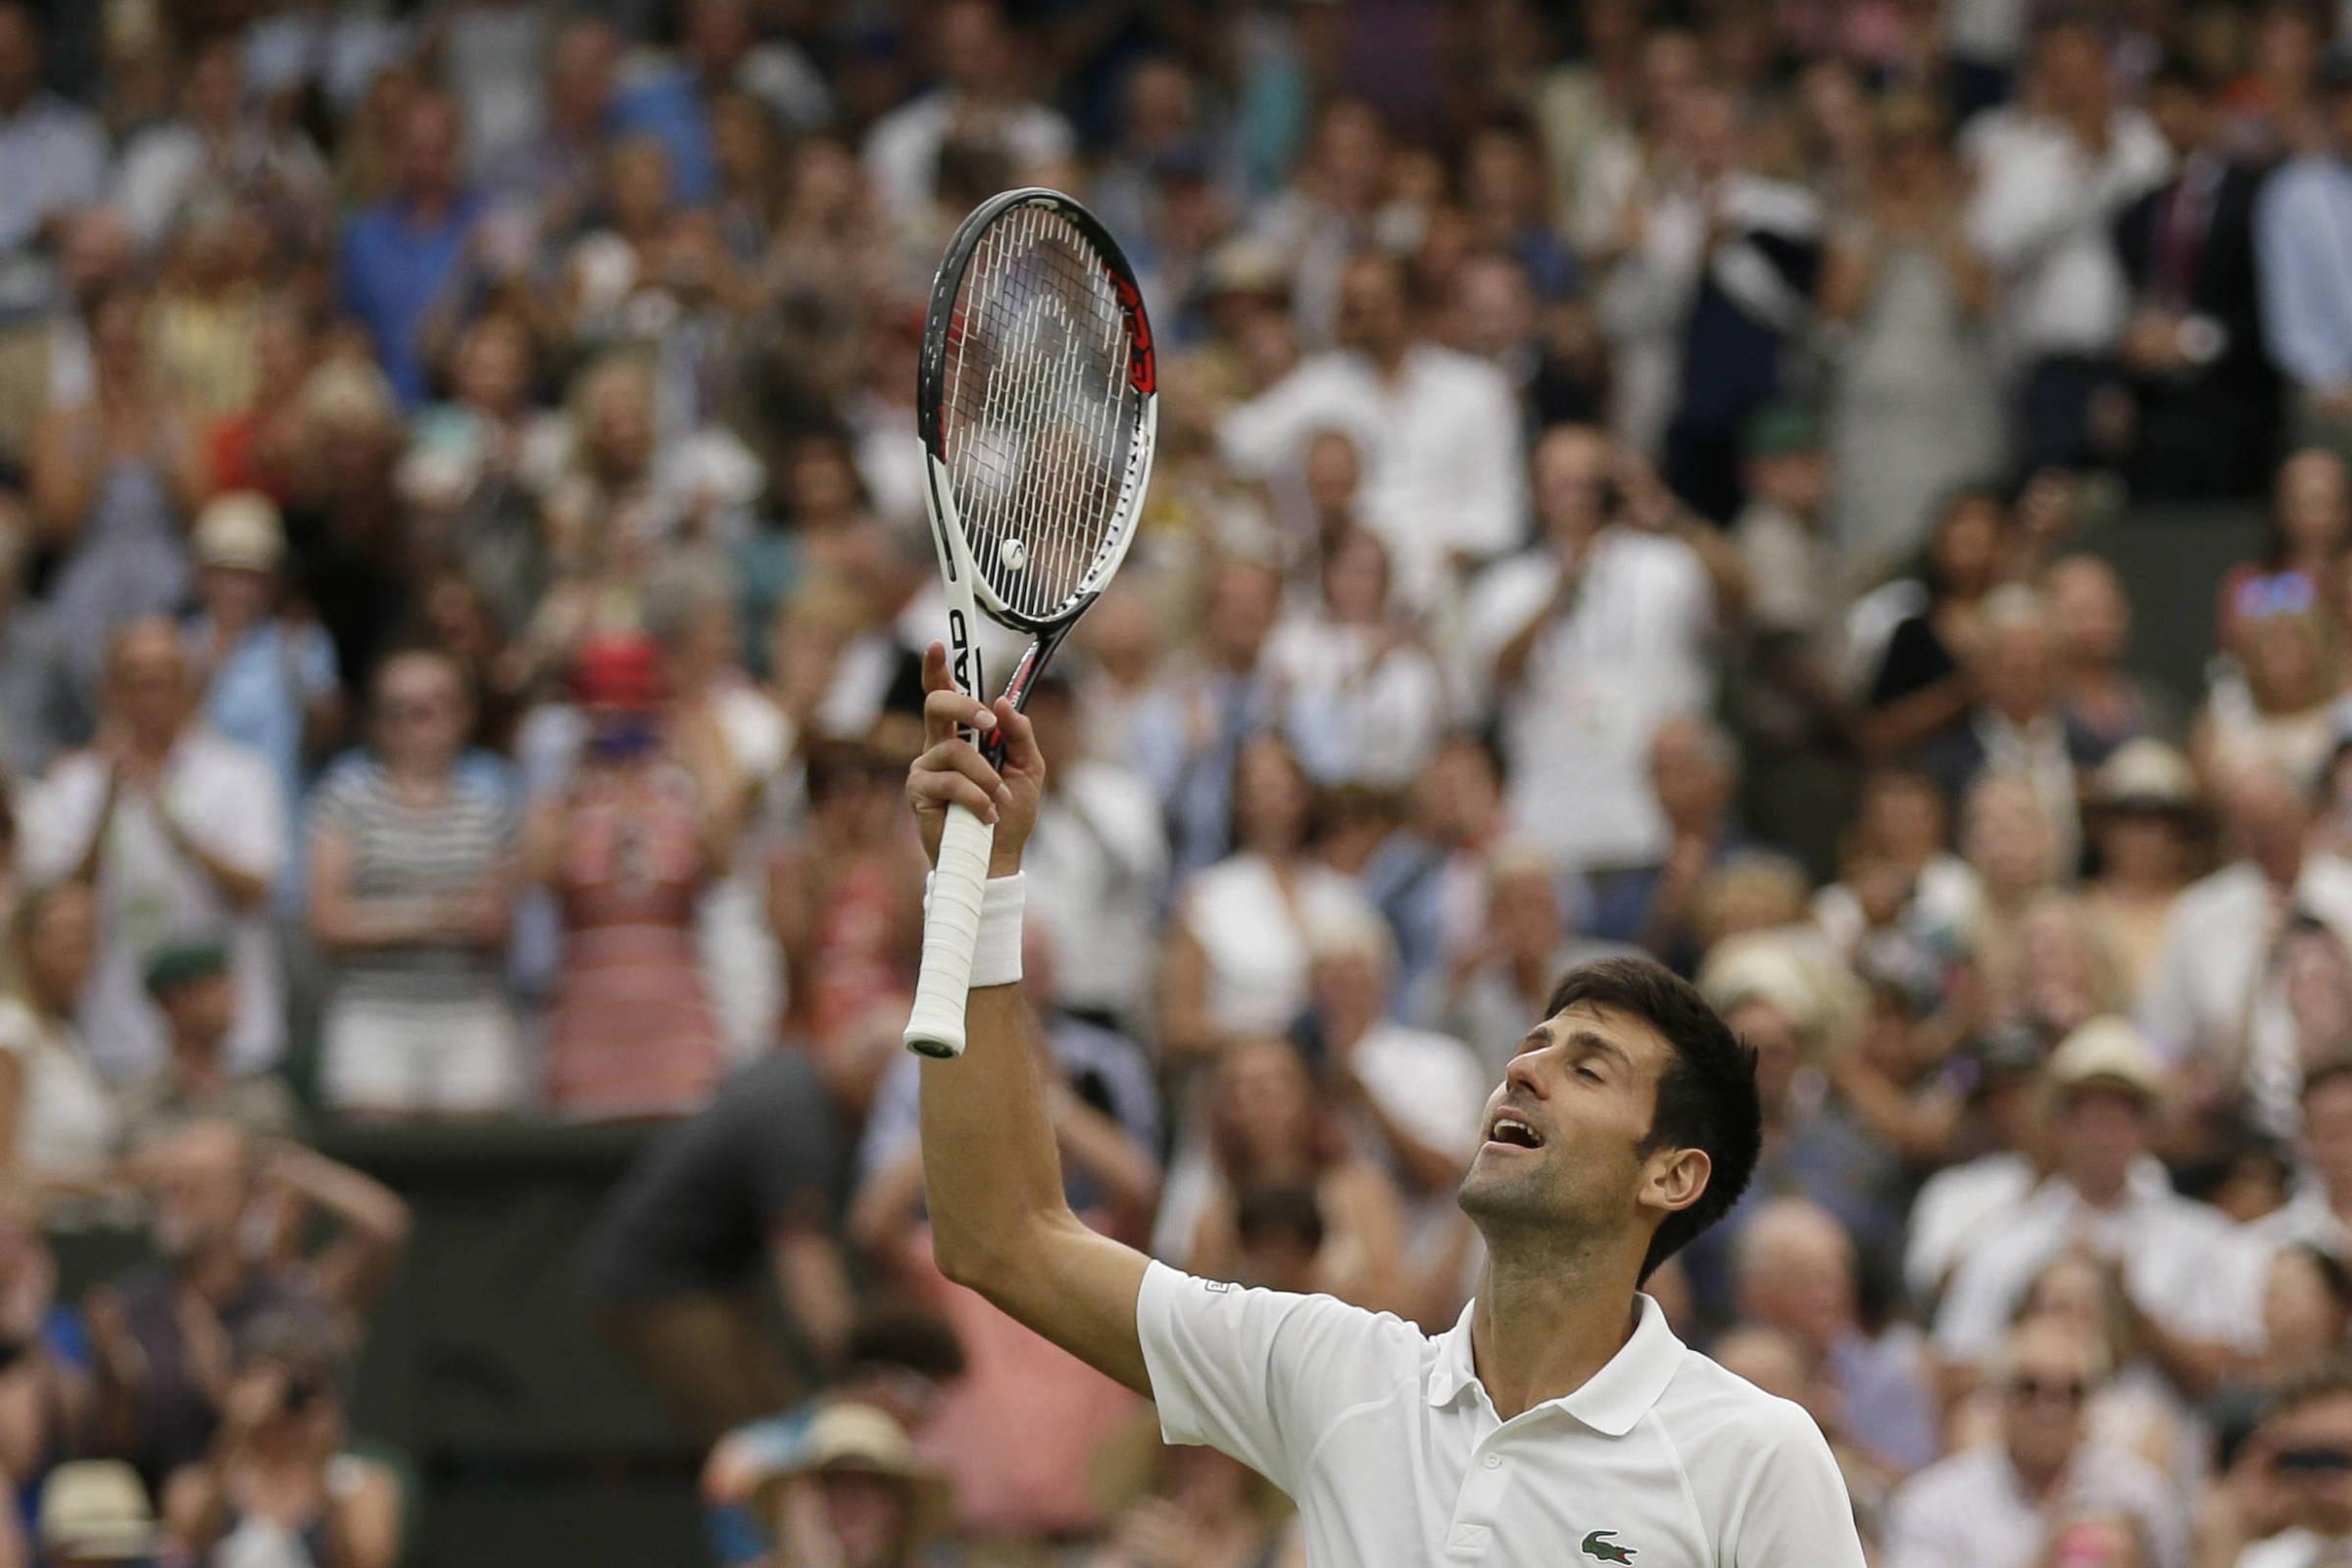 00bb3b9f94e Djokovic vence Nadal por 3 sets a 2 e vai à final em Wimbledon - 14 07 2018  - Esporte - Folha